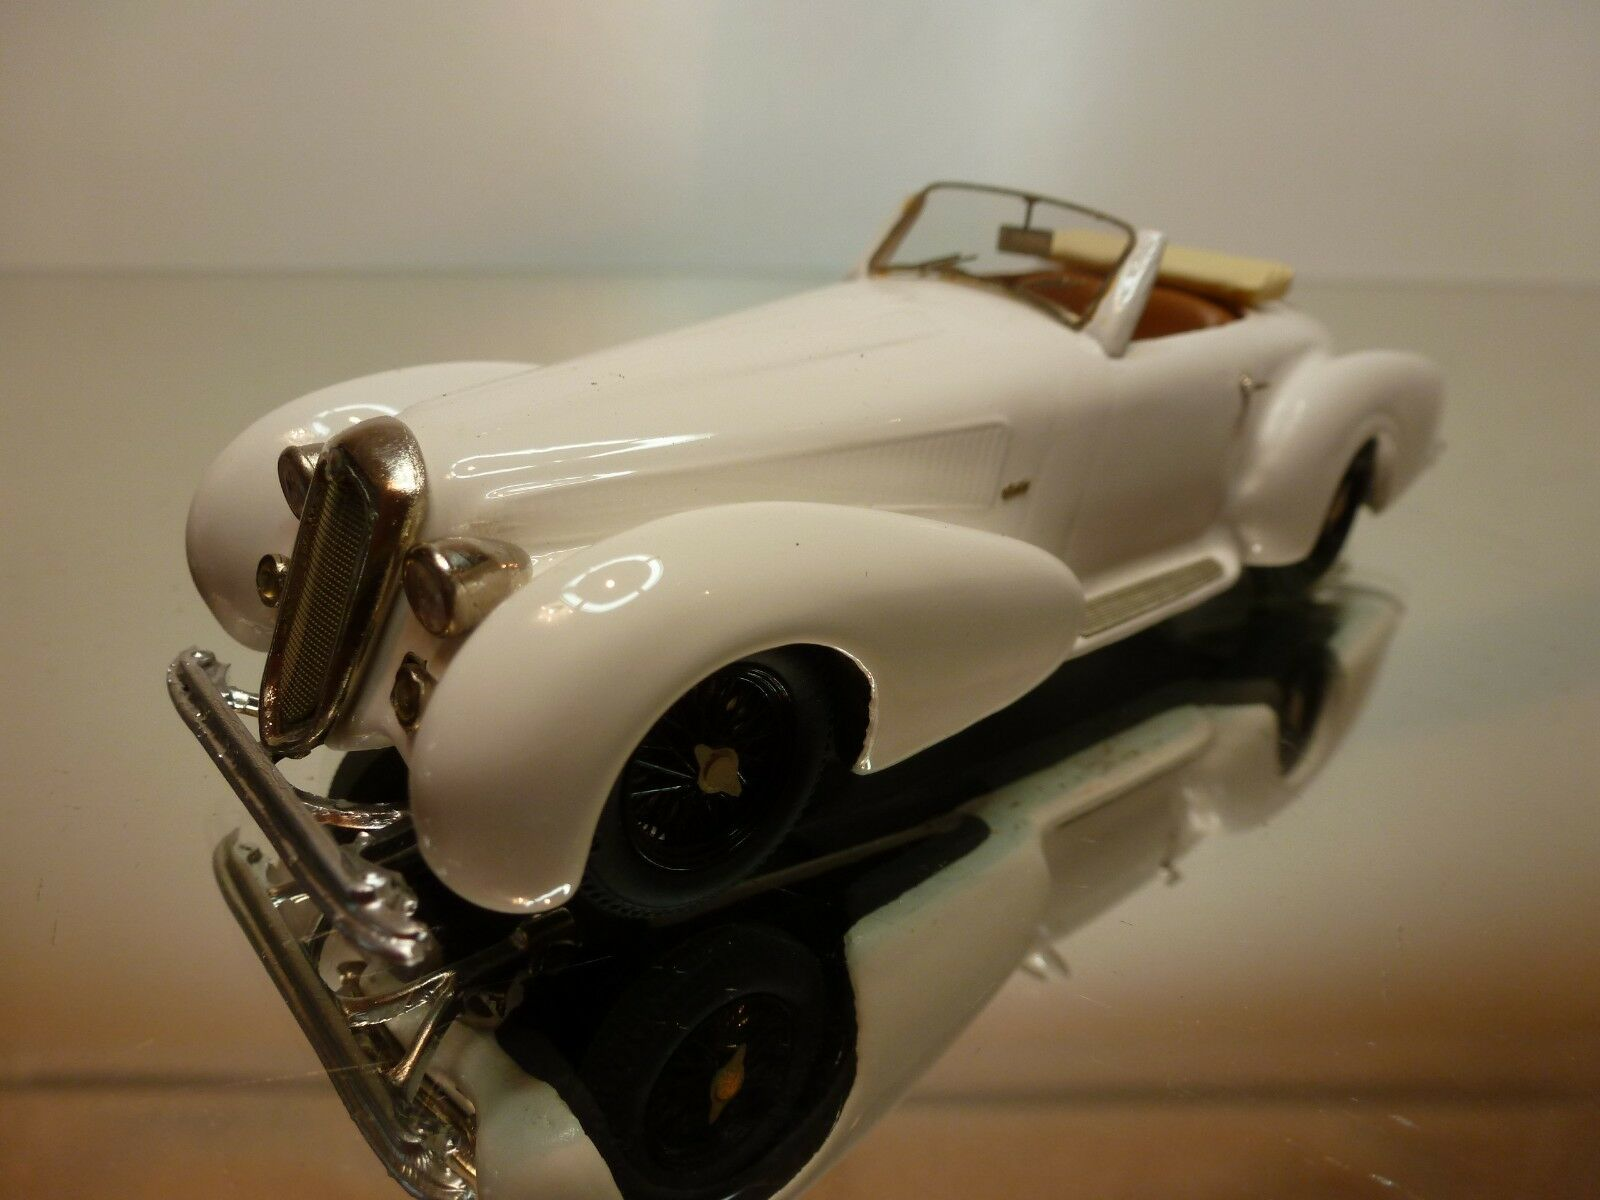 Alfa romeo 8c 2900 b fb - modelle - farila 1937 - weiße 1 43 ausgezeichnet.